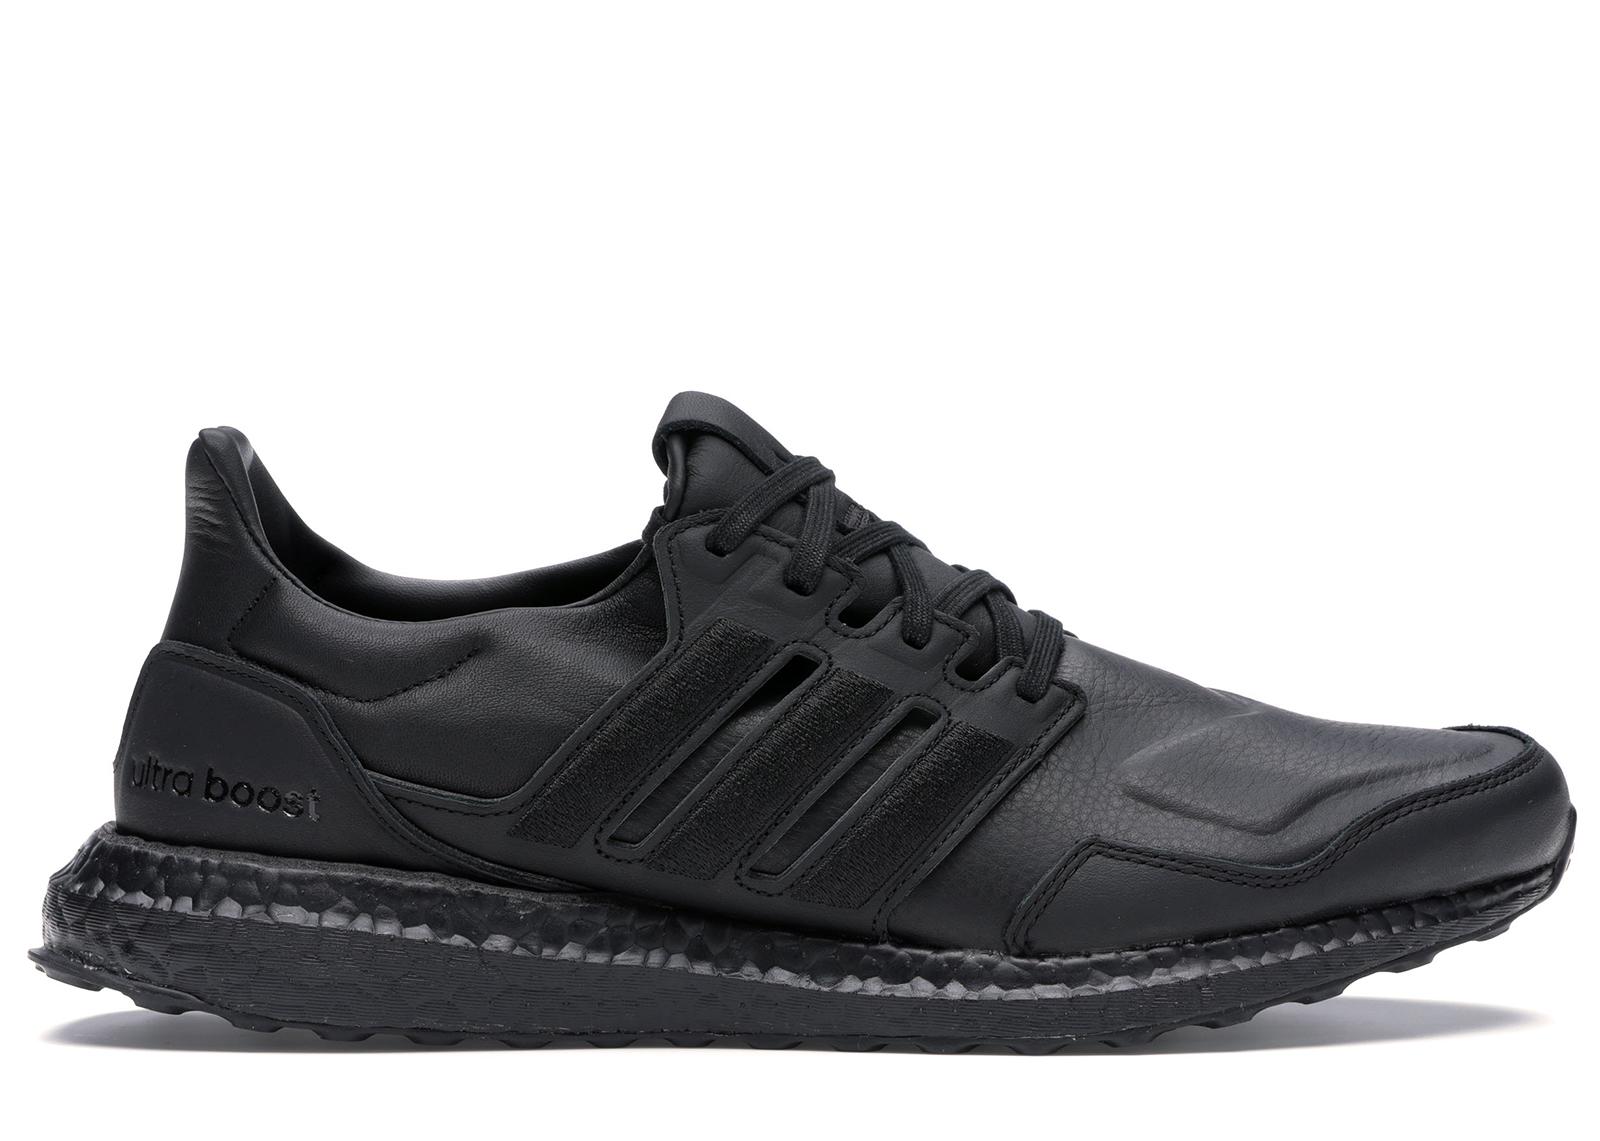 adidas boost all black